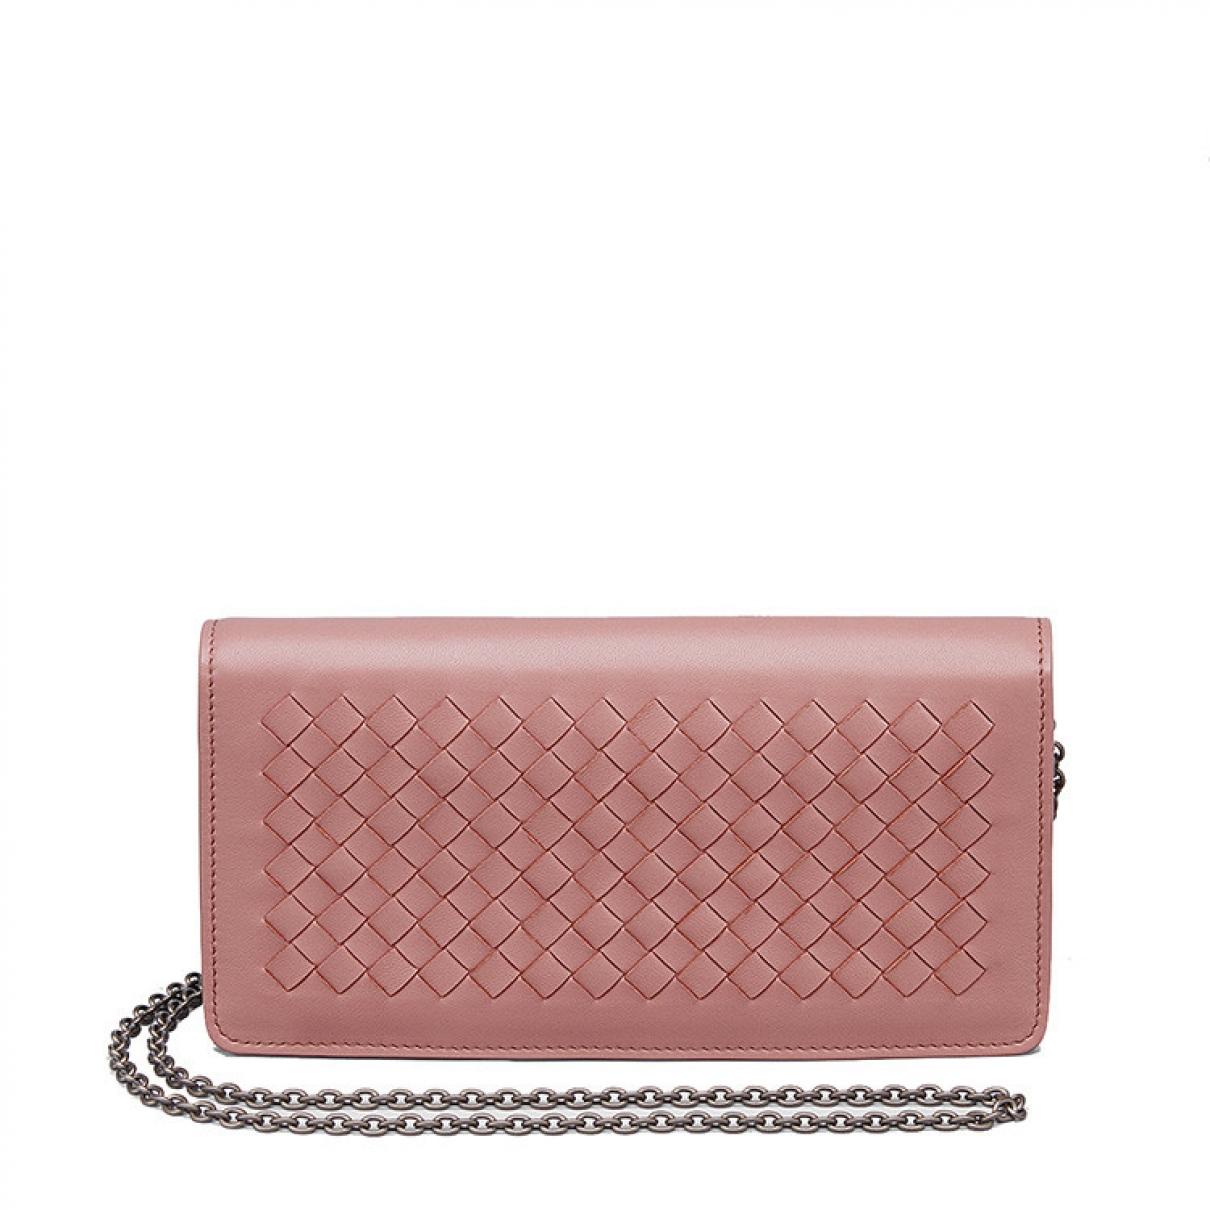 Bottega Veneta - Pochette   pour femme en cuir - rose